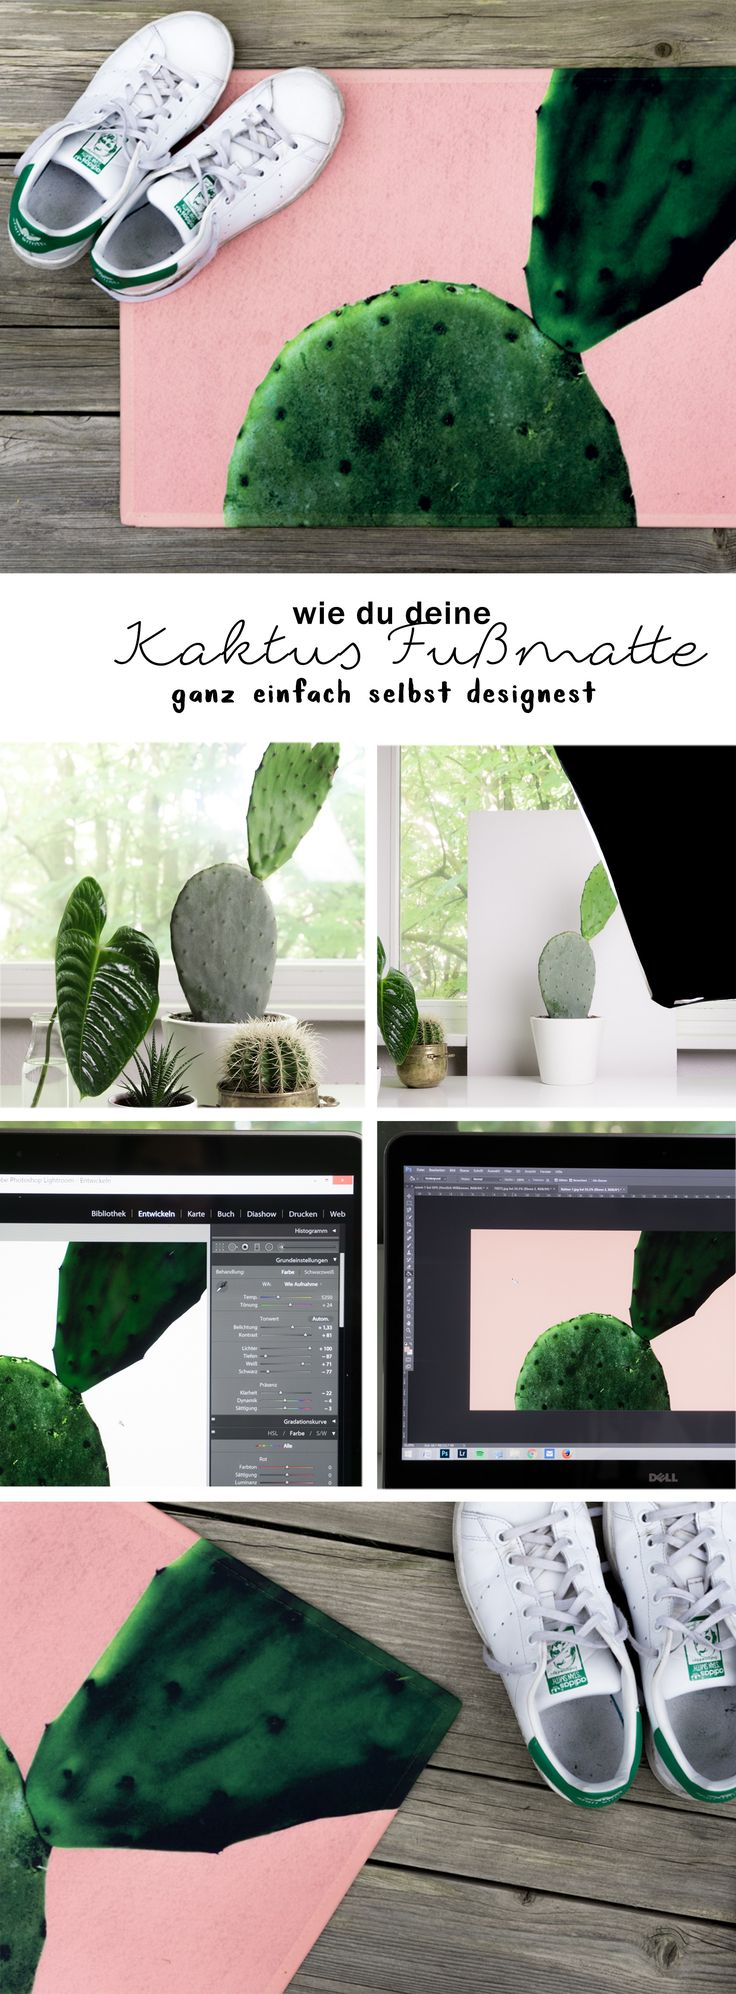 DIY Fußmatte Mit Kaktus U0026 Sommerlicher Farbe Selber Machen: In Meinem  Tutorial Zeige Ich Euch